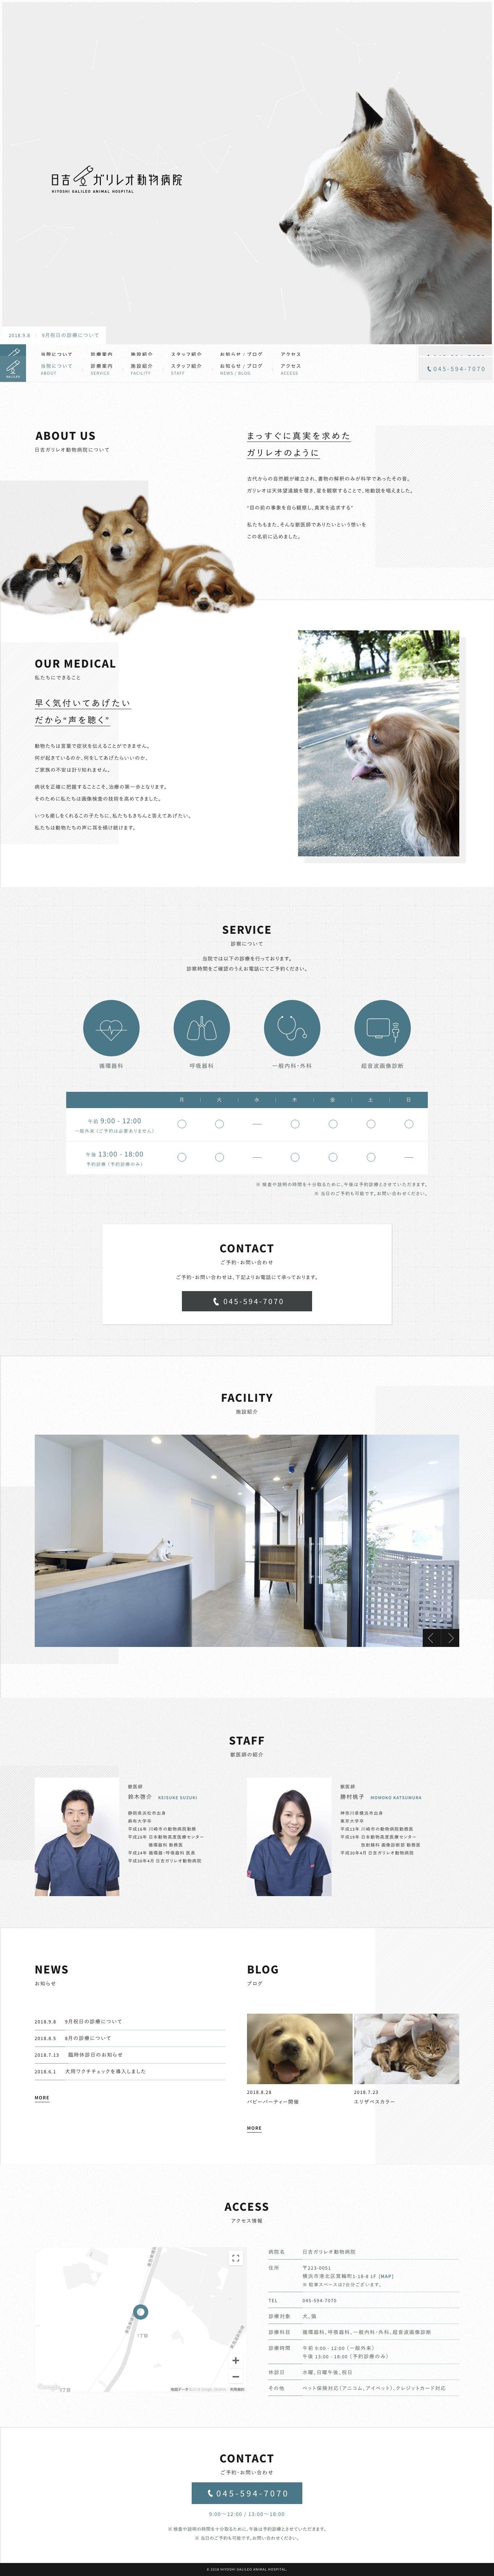 日吉ガリレオ動物病院 Lp デザイン ウェブデザイン Webデザイン